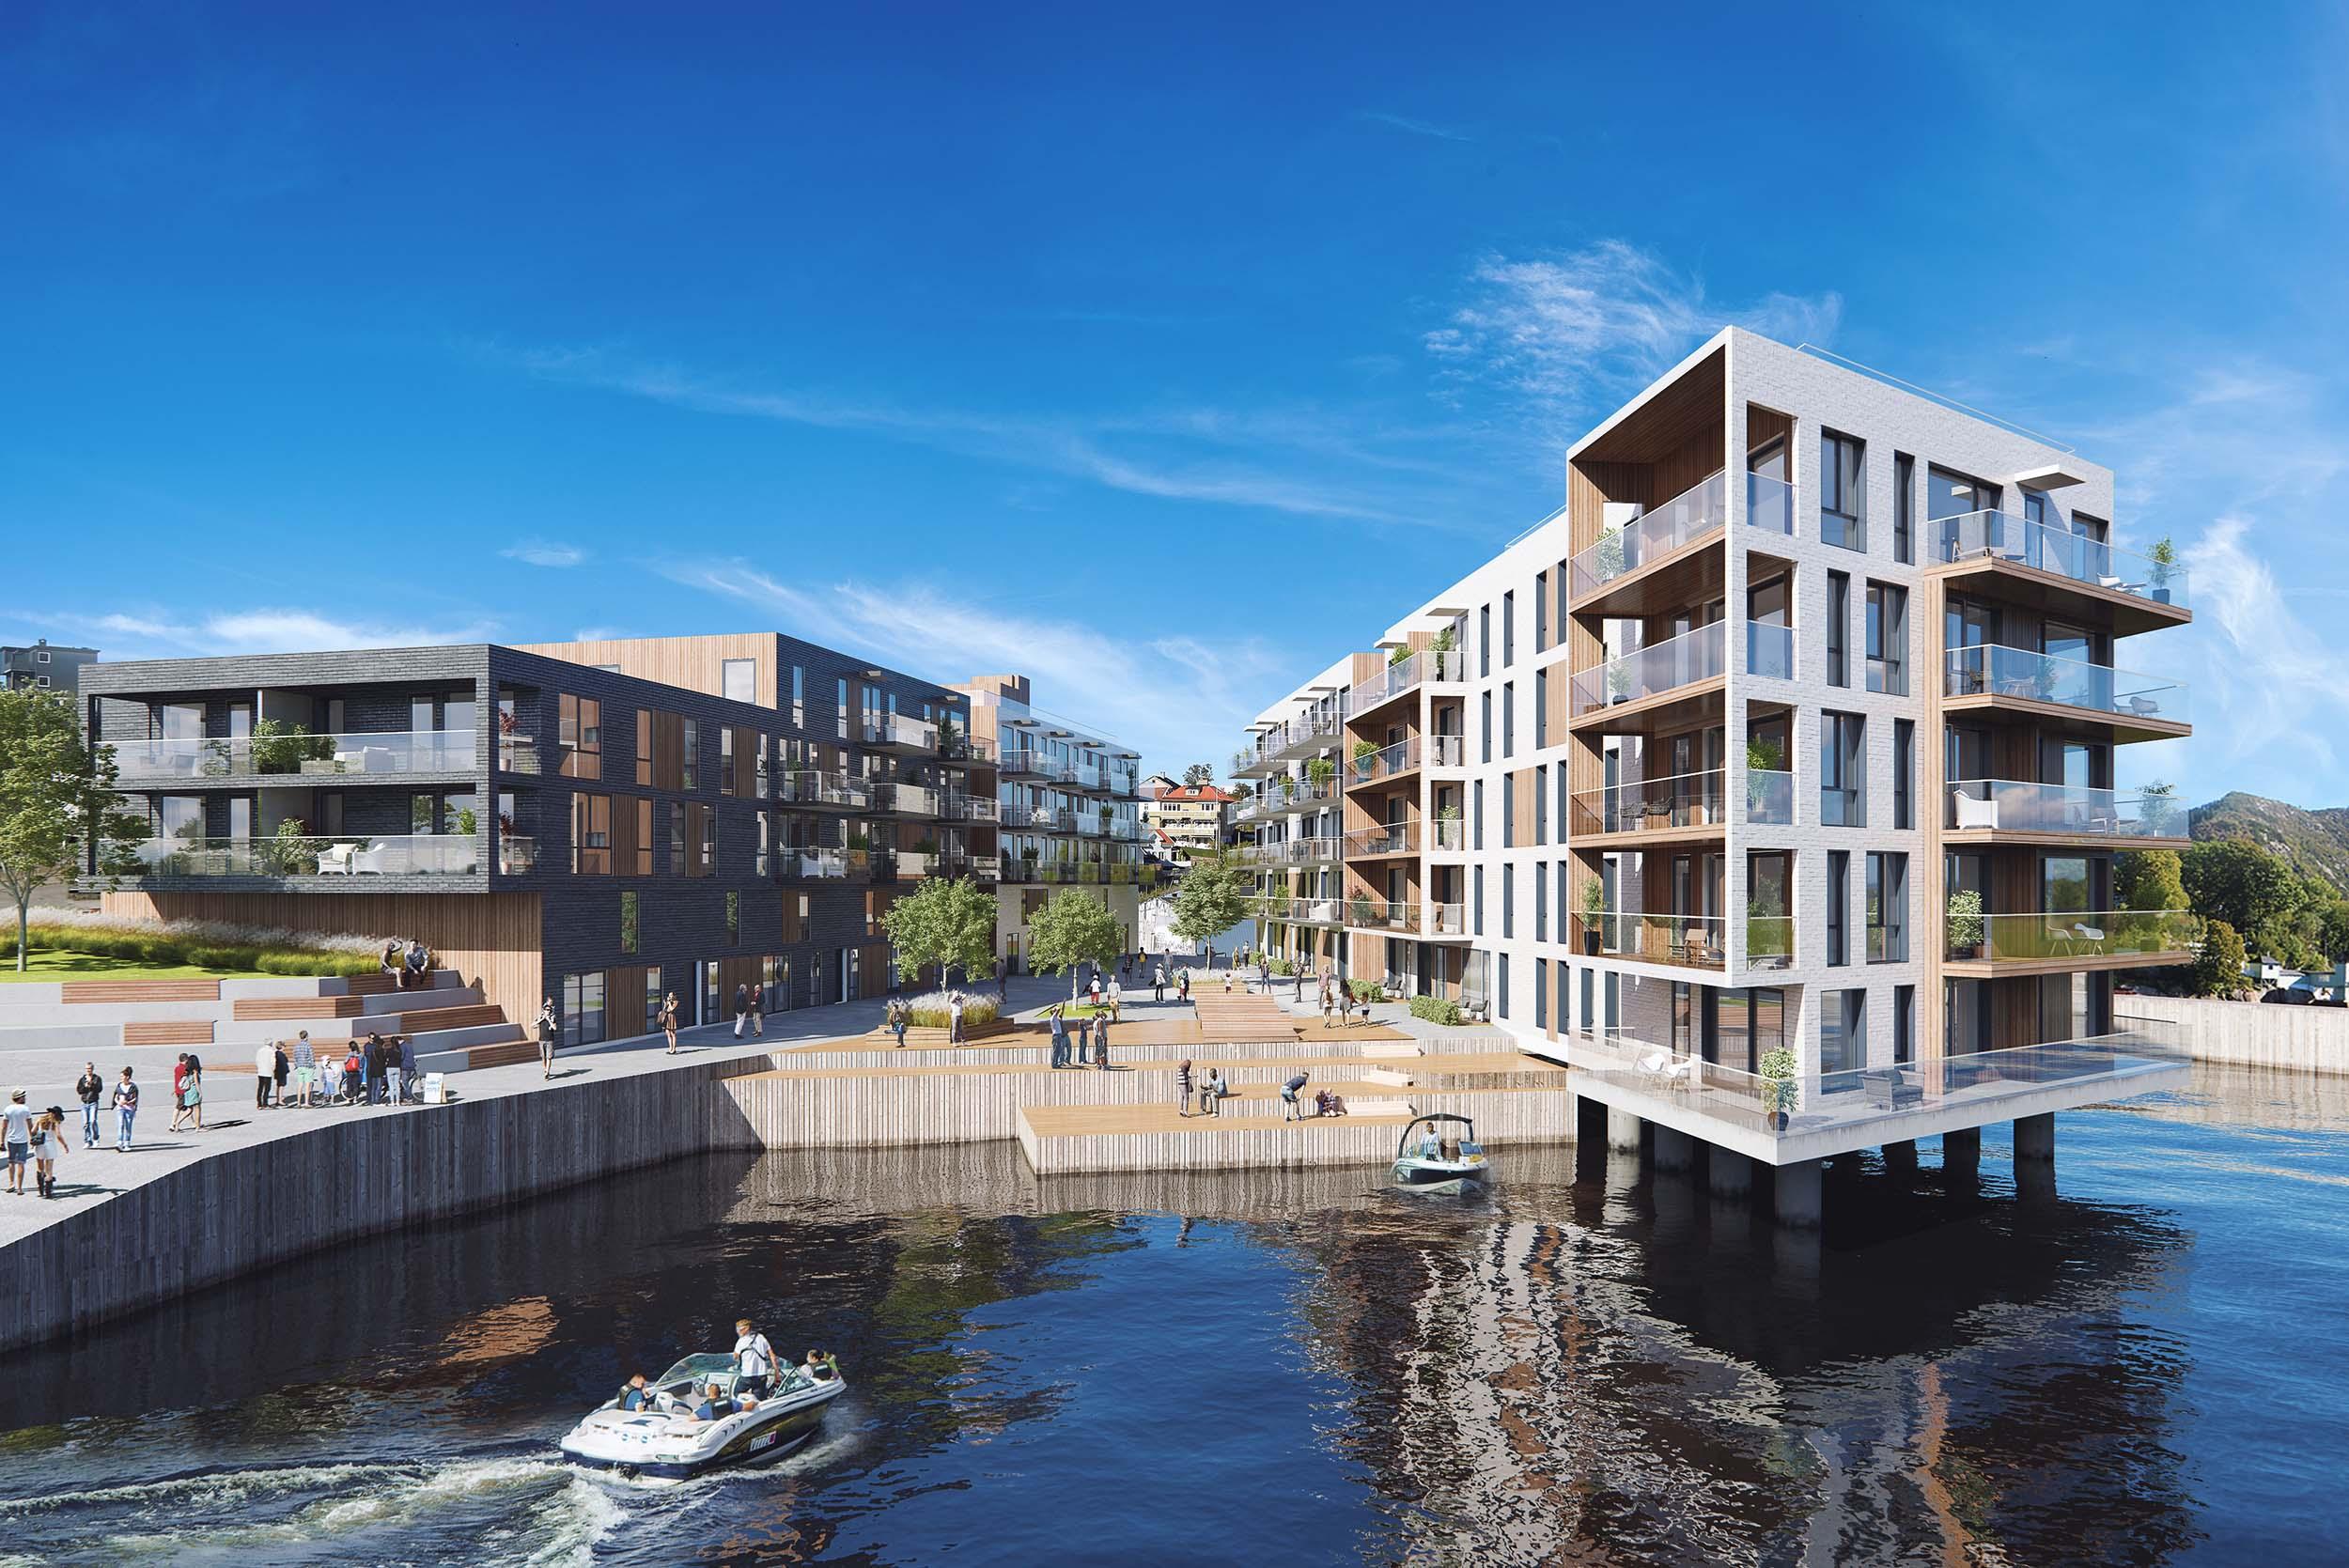 Nyhavn Bergen